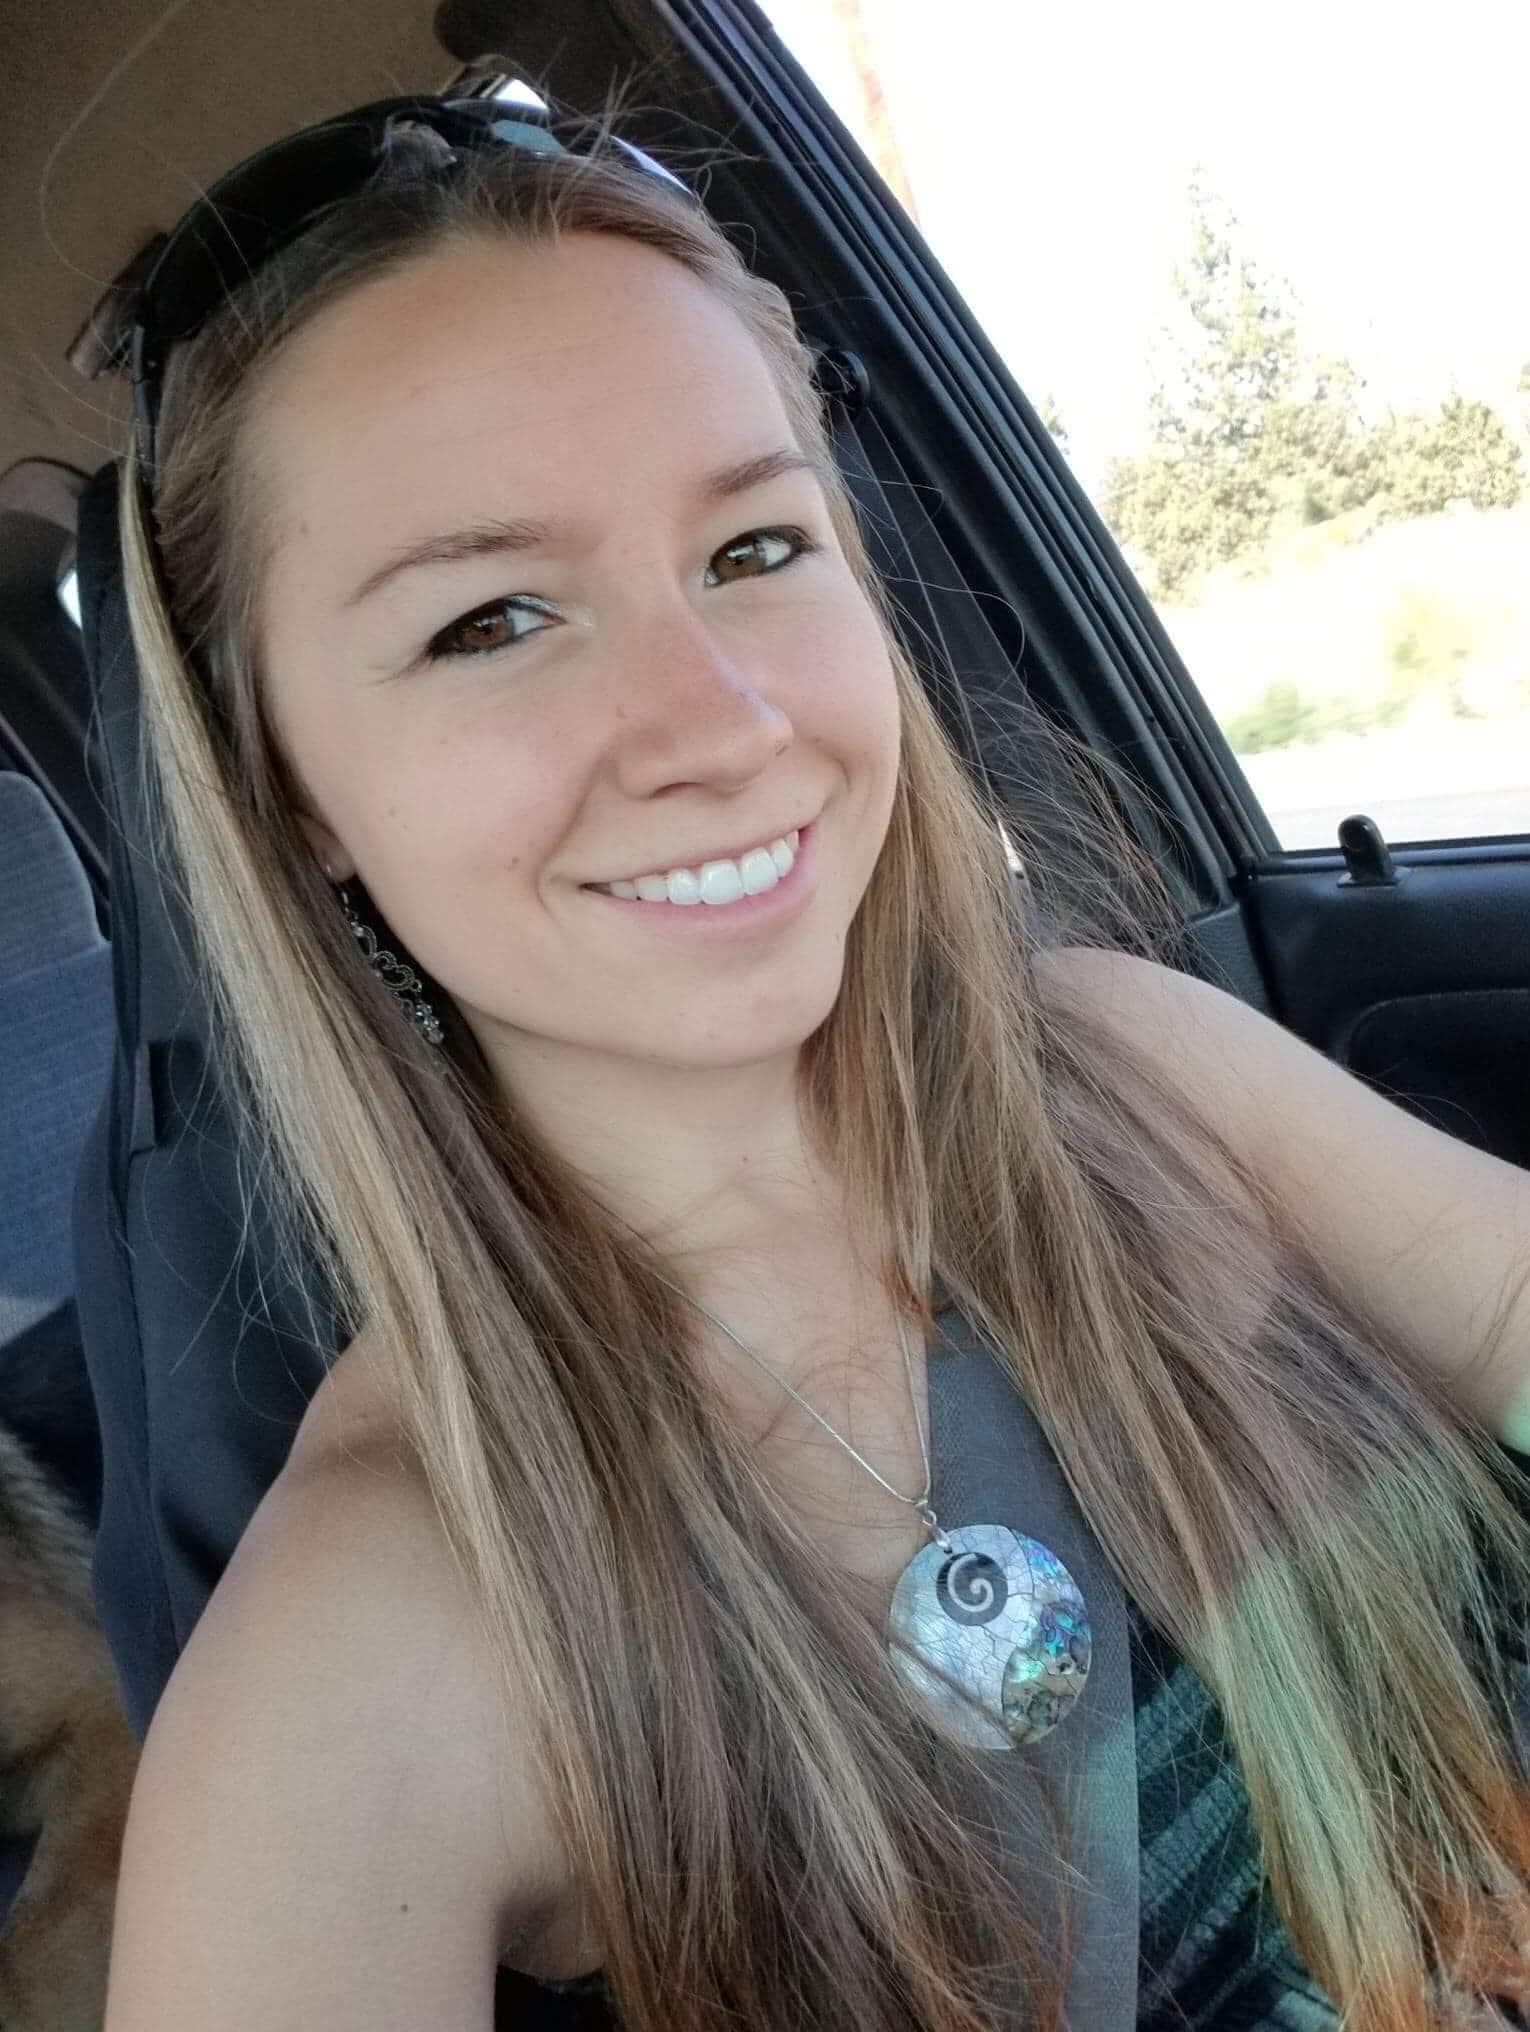 Jessica Murasko